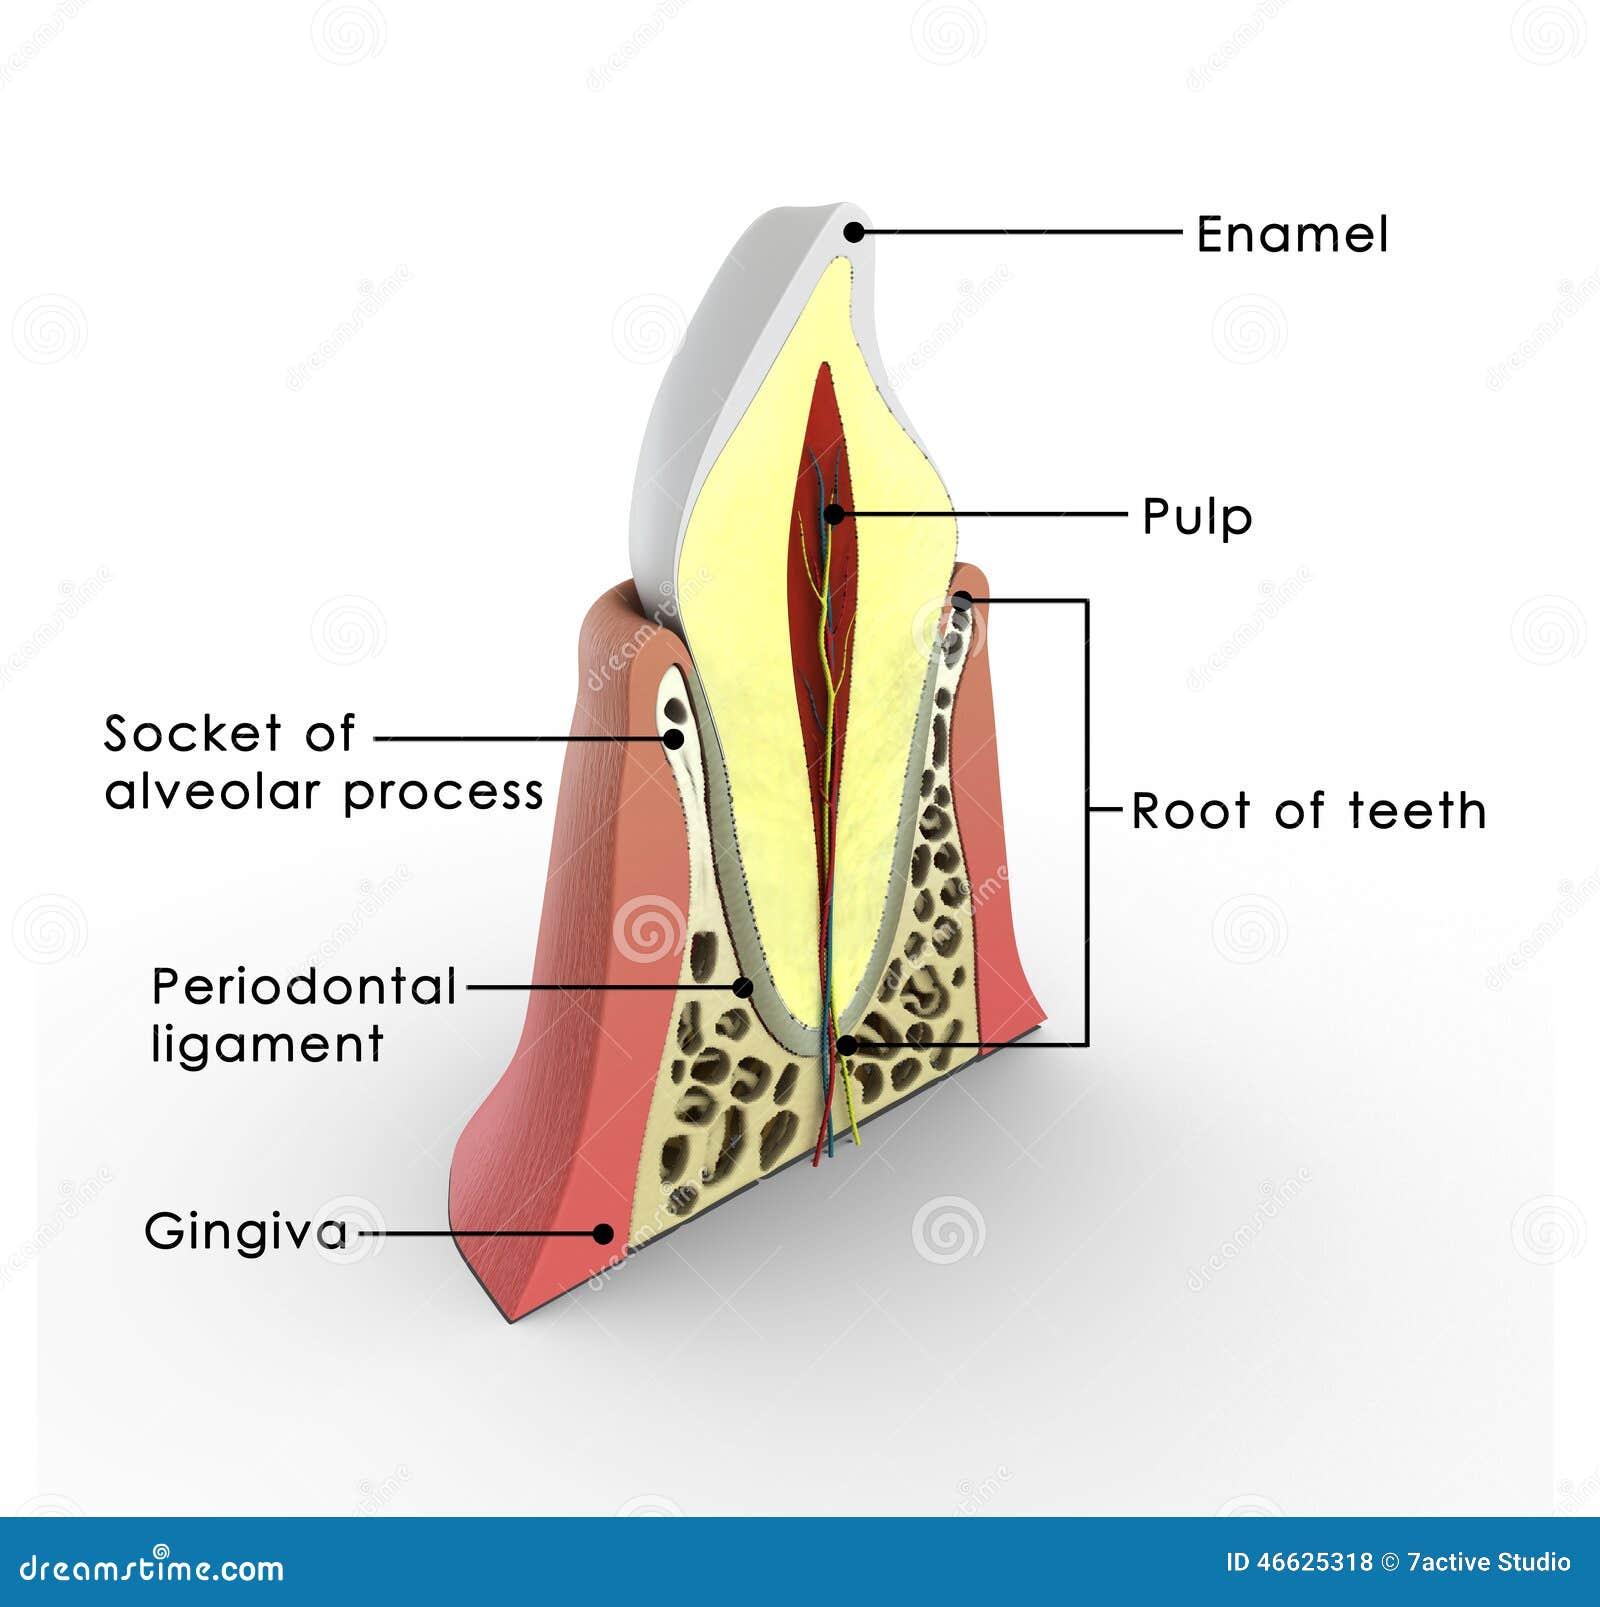 Anatomie der Zähne stock abbildung. Illustration von anatomie - 46625318